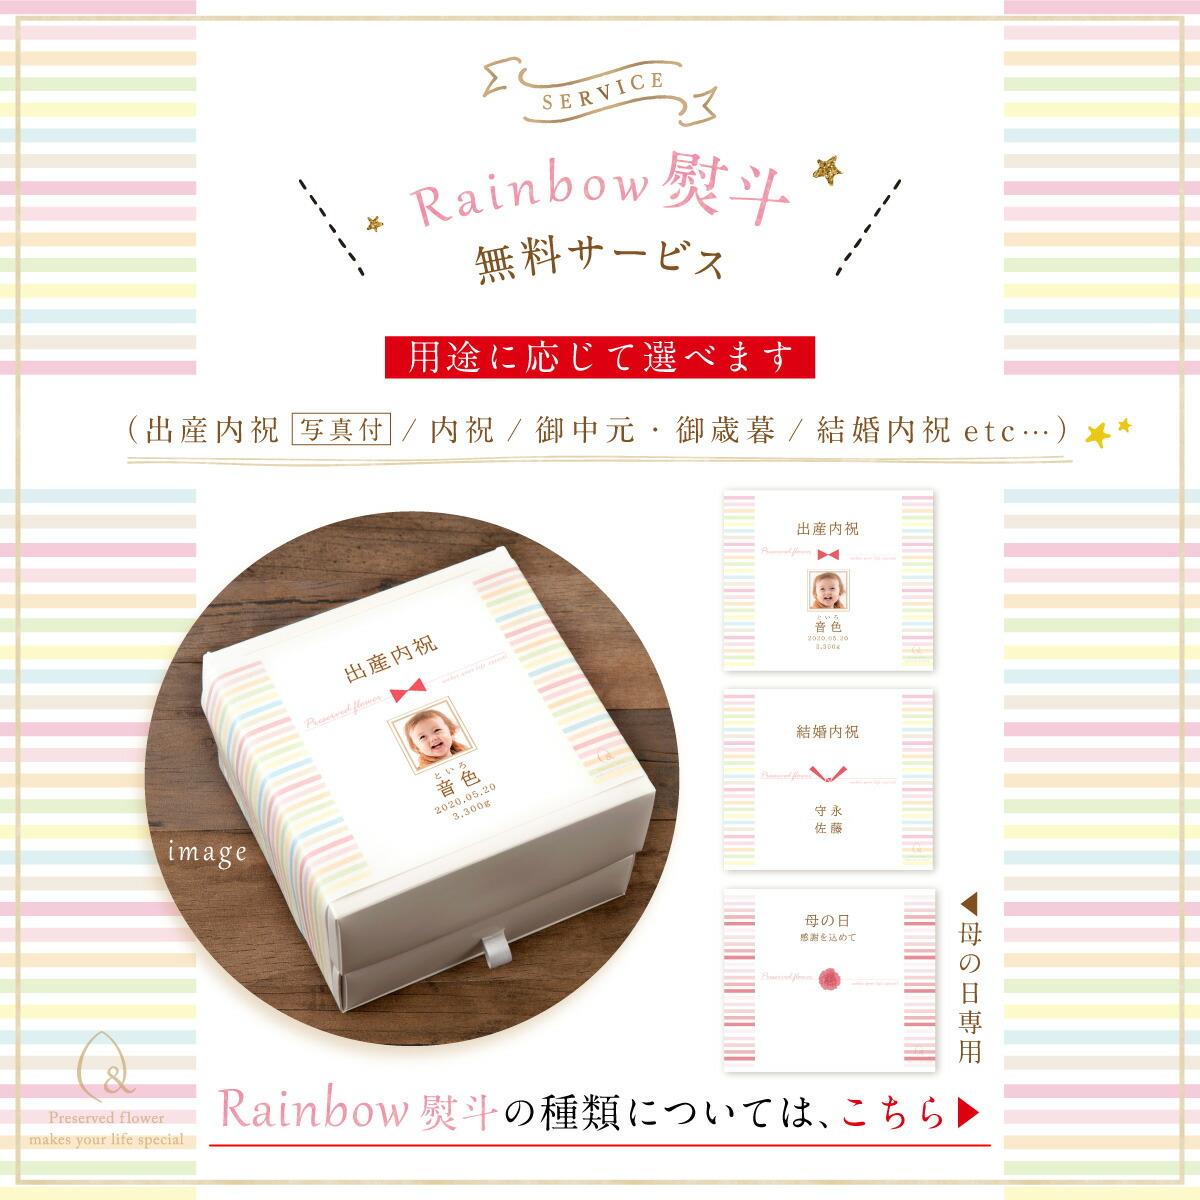 ガーデンシリーズ限定 おしゃれな無料熨斗(のし)サービス